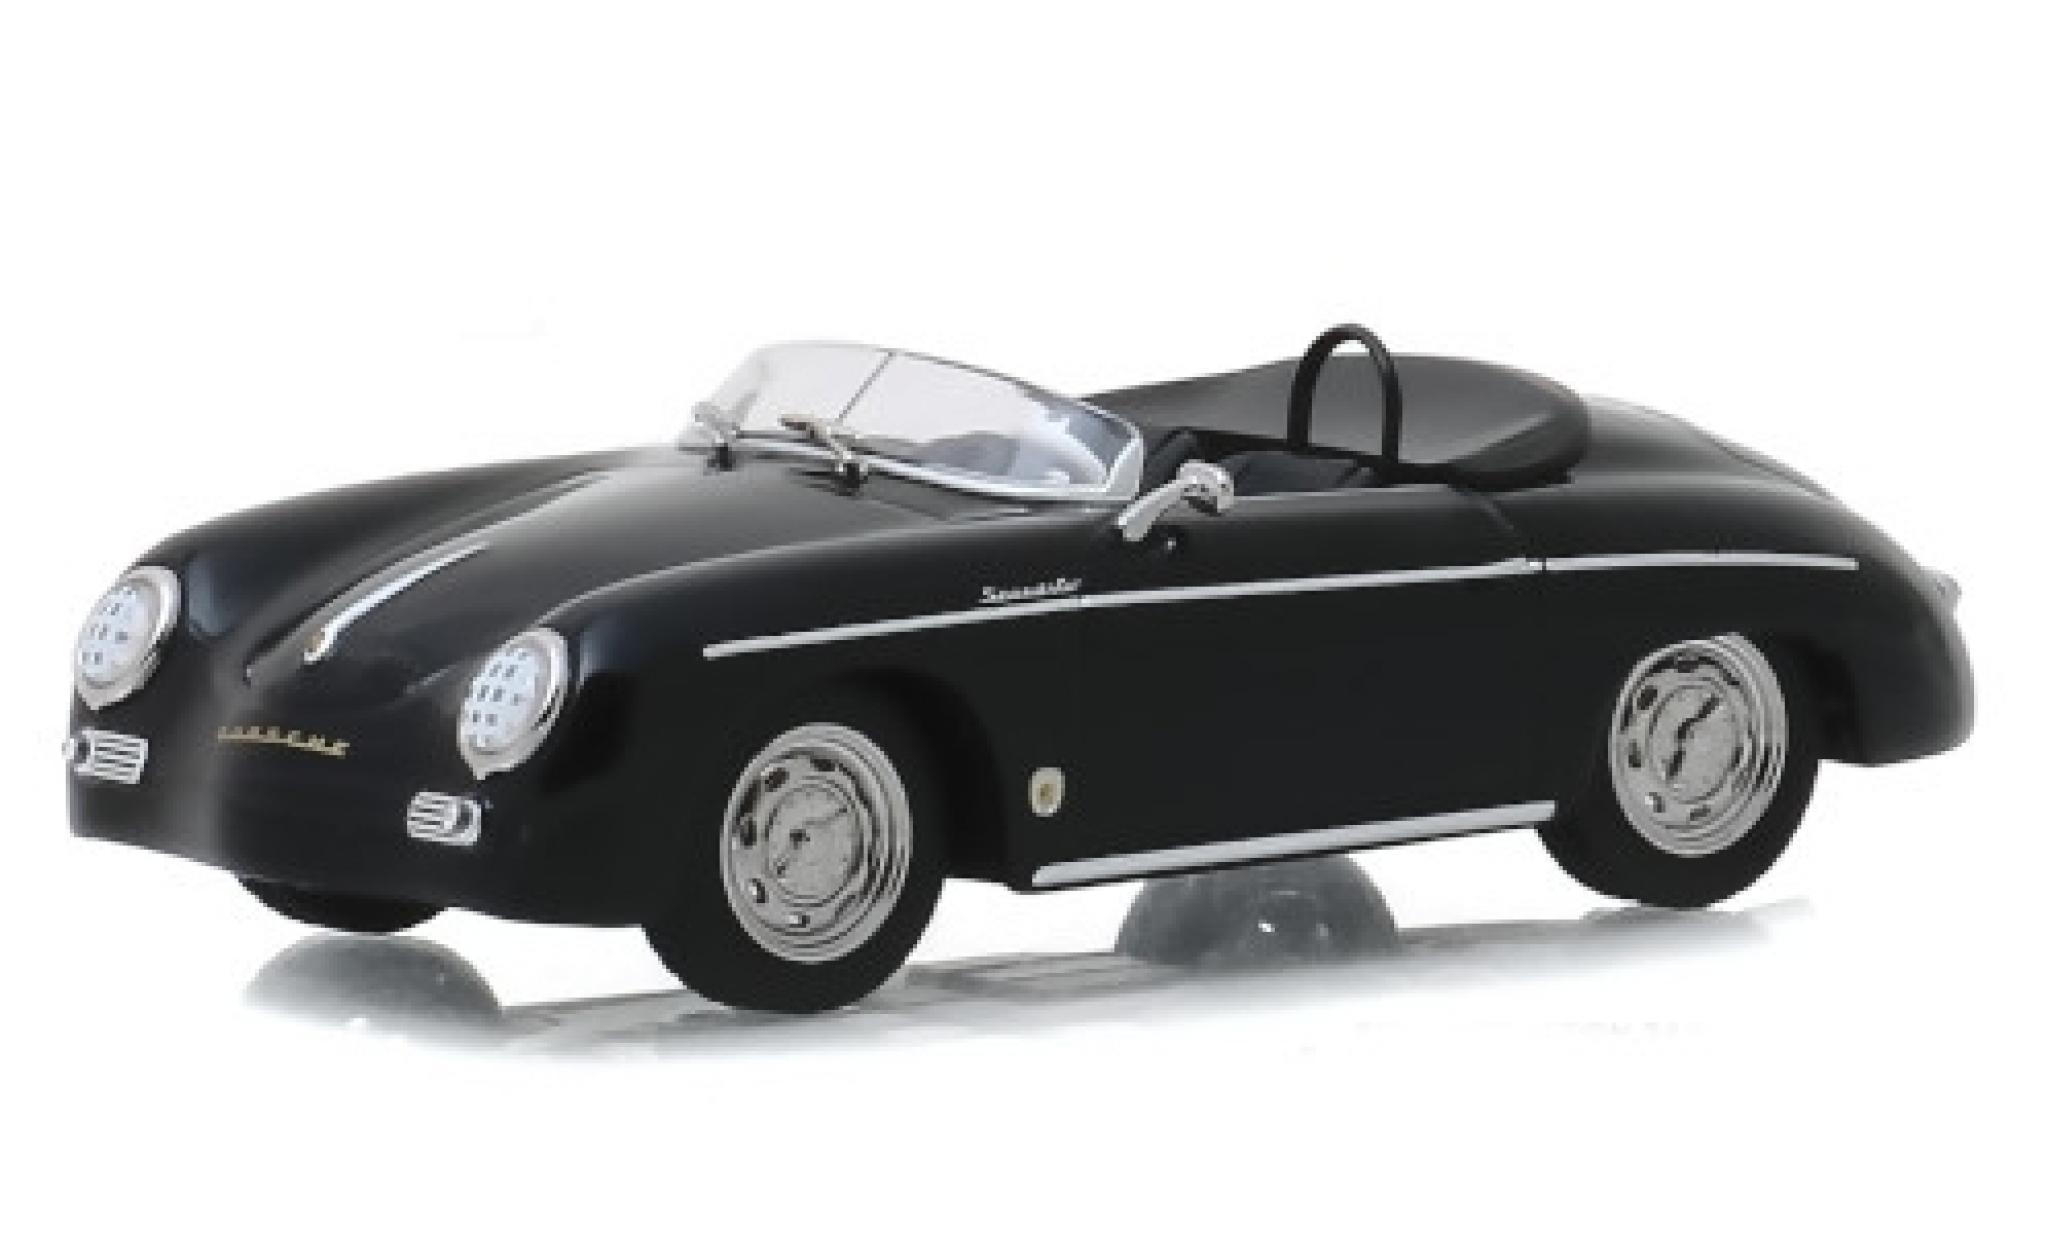 Porsche 356 1/43 Greenlight Speedster Super noire 1958